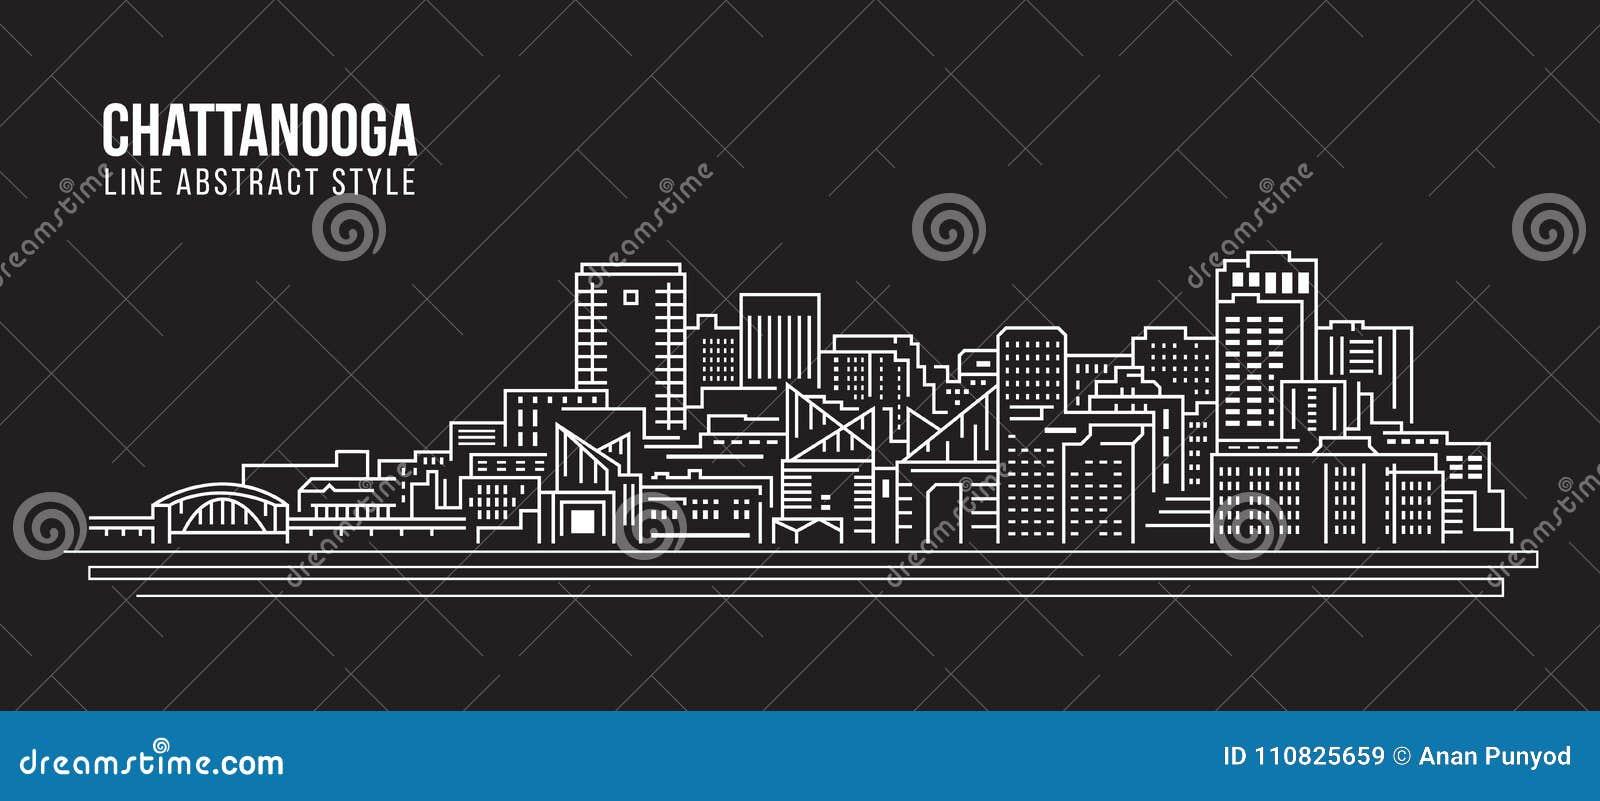 Διανυσματικό σχέδιο απεικόνισης τέχνης γραμμών κτηρίου εικονικής παράστασης πόλης - πόλη του Σατανούγκα